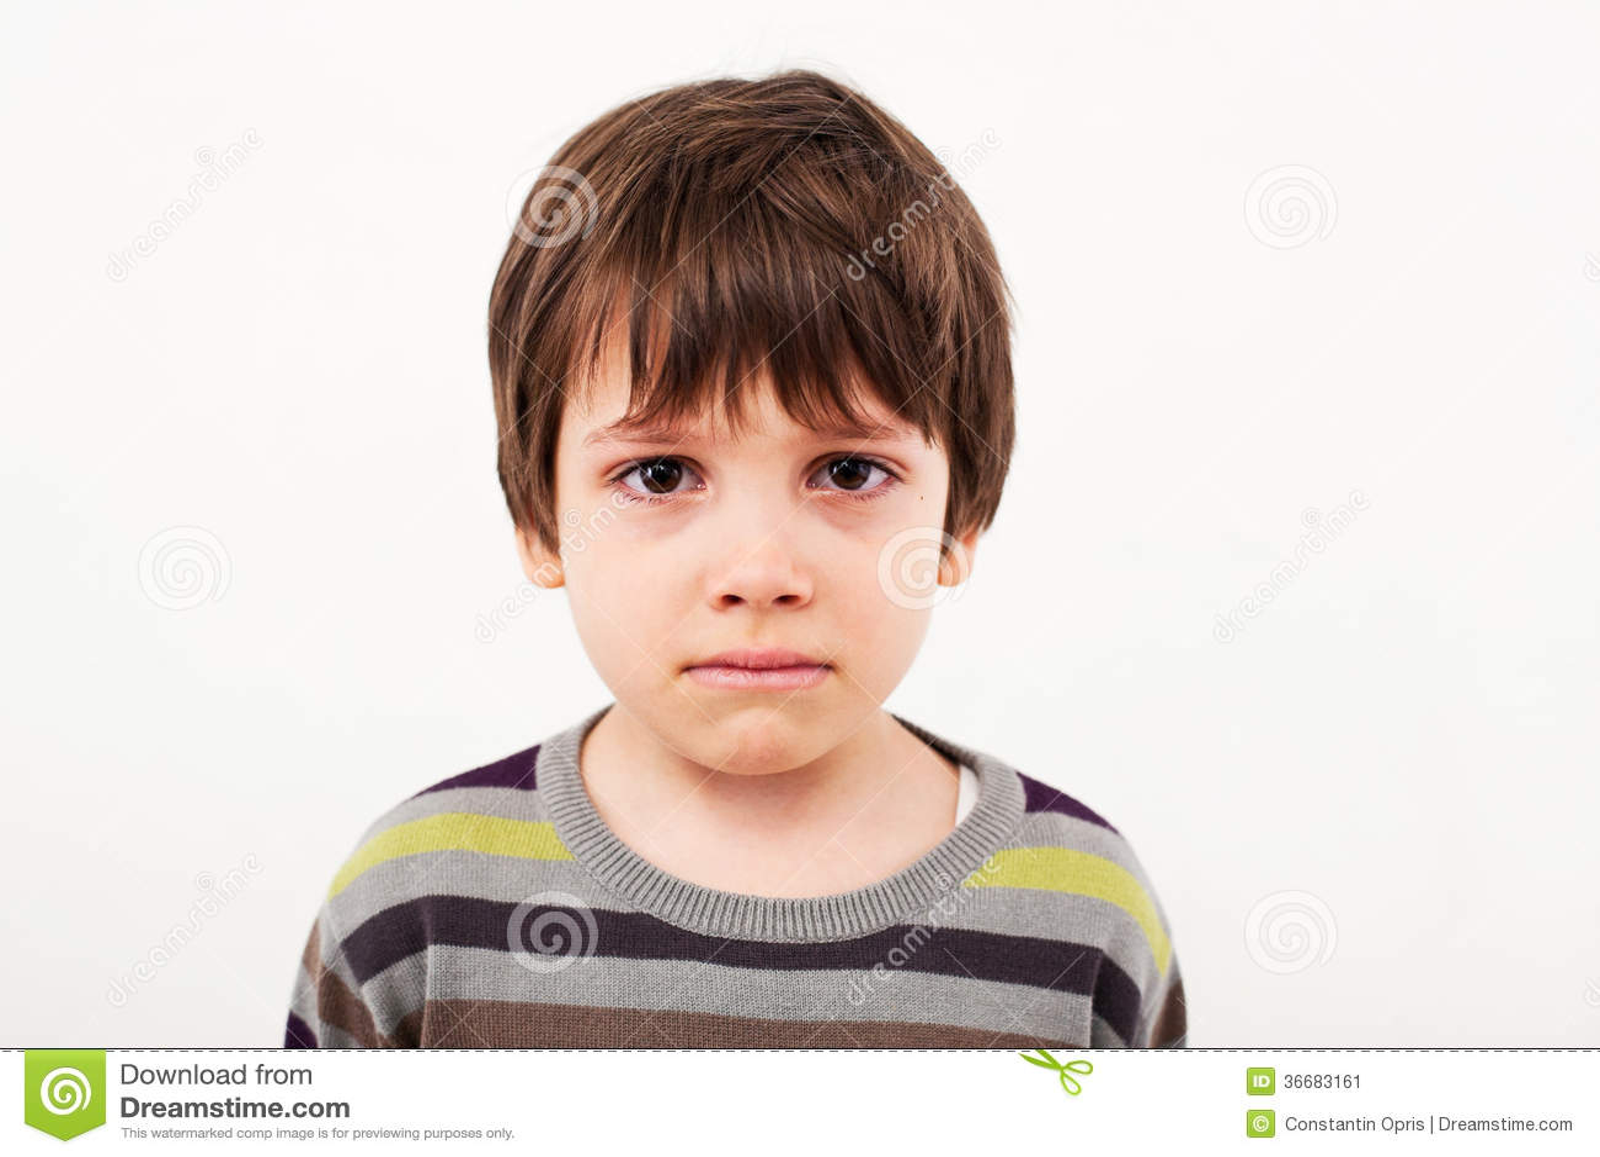 Sad Child Face Stock Image - Image: 36683161